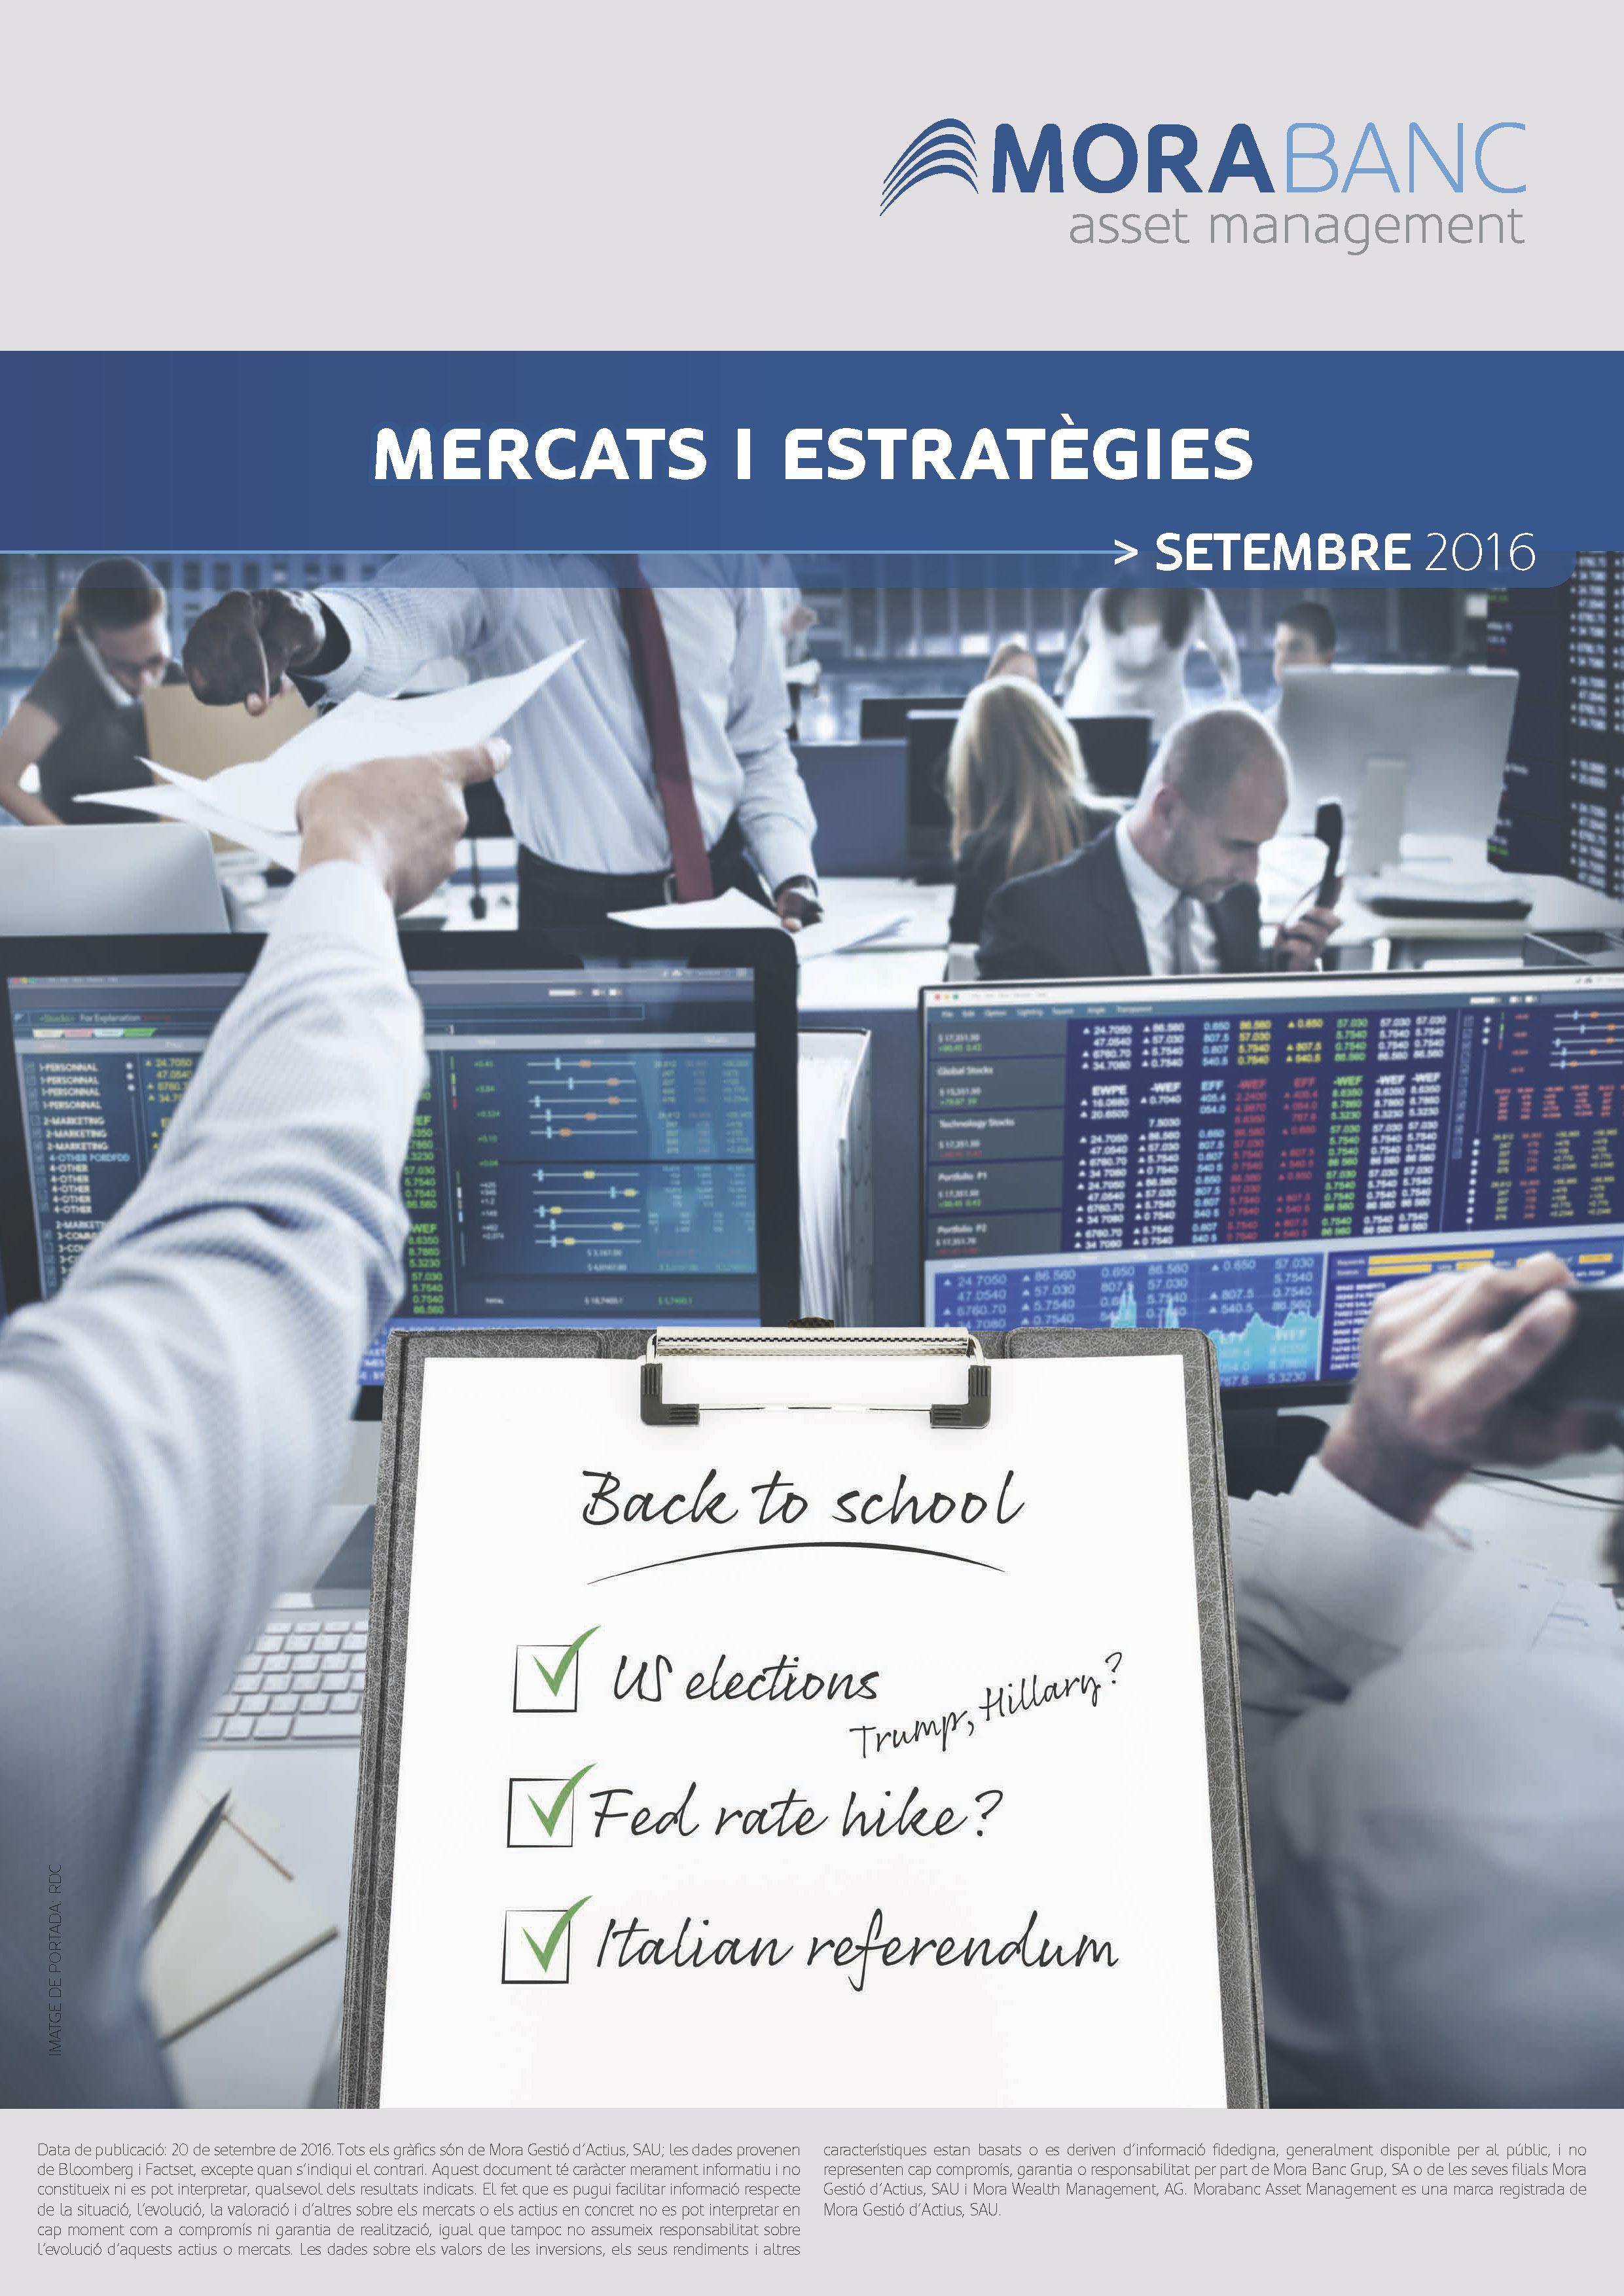 Mercats i Estratègies Setembre 2016